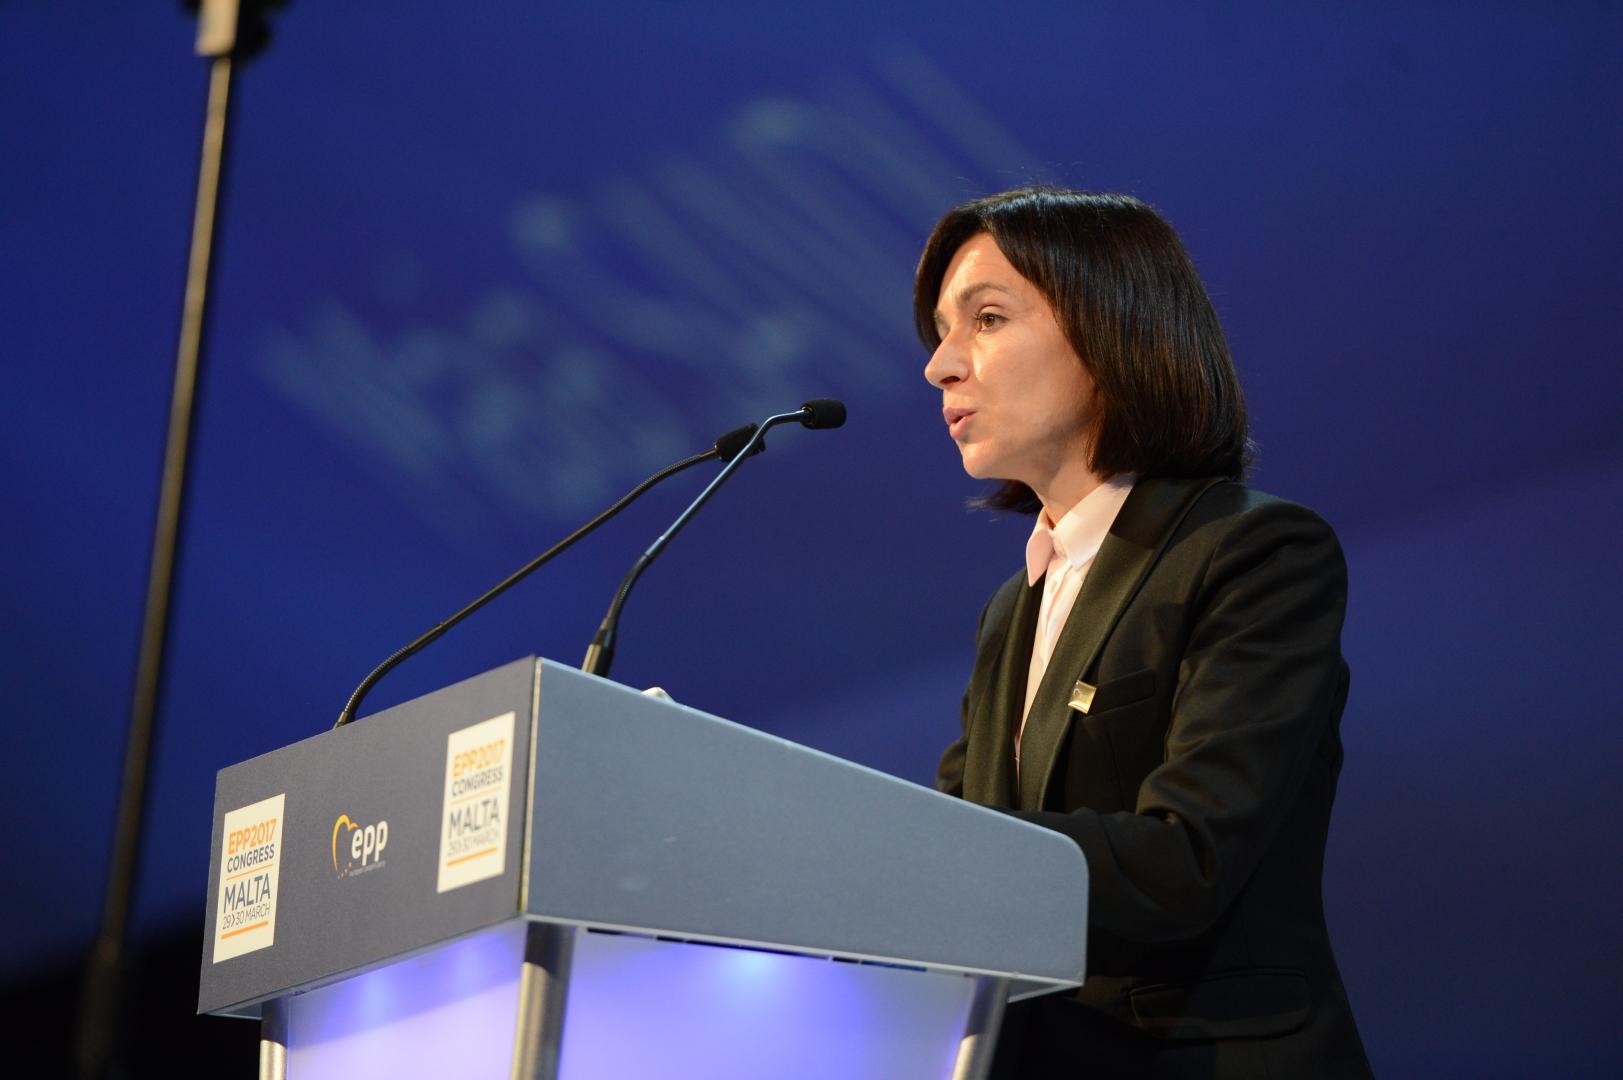 Санду начала разговор с Москвой с жеста в адрес Вашингтона и Брюсселя